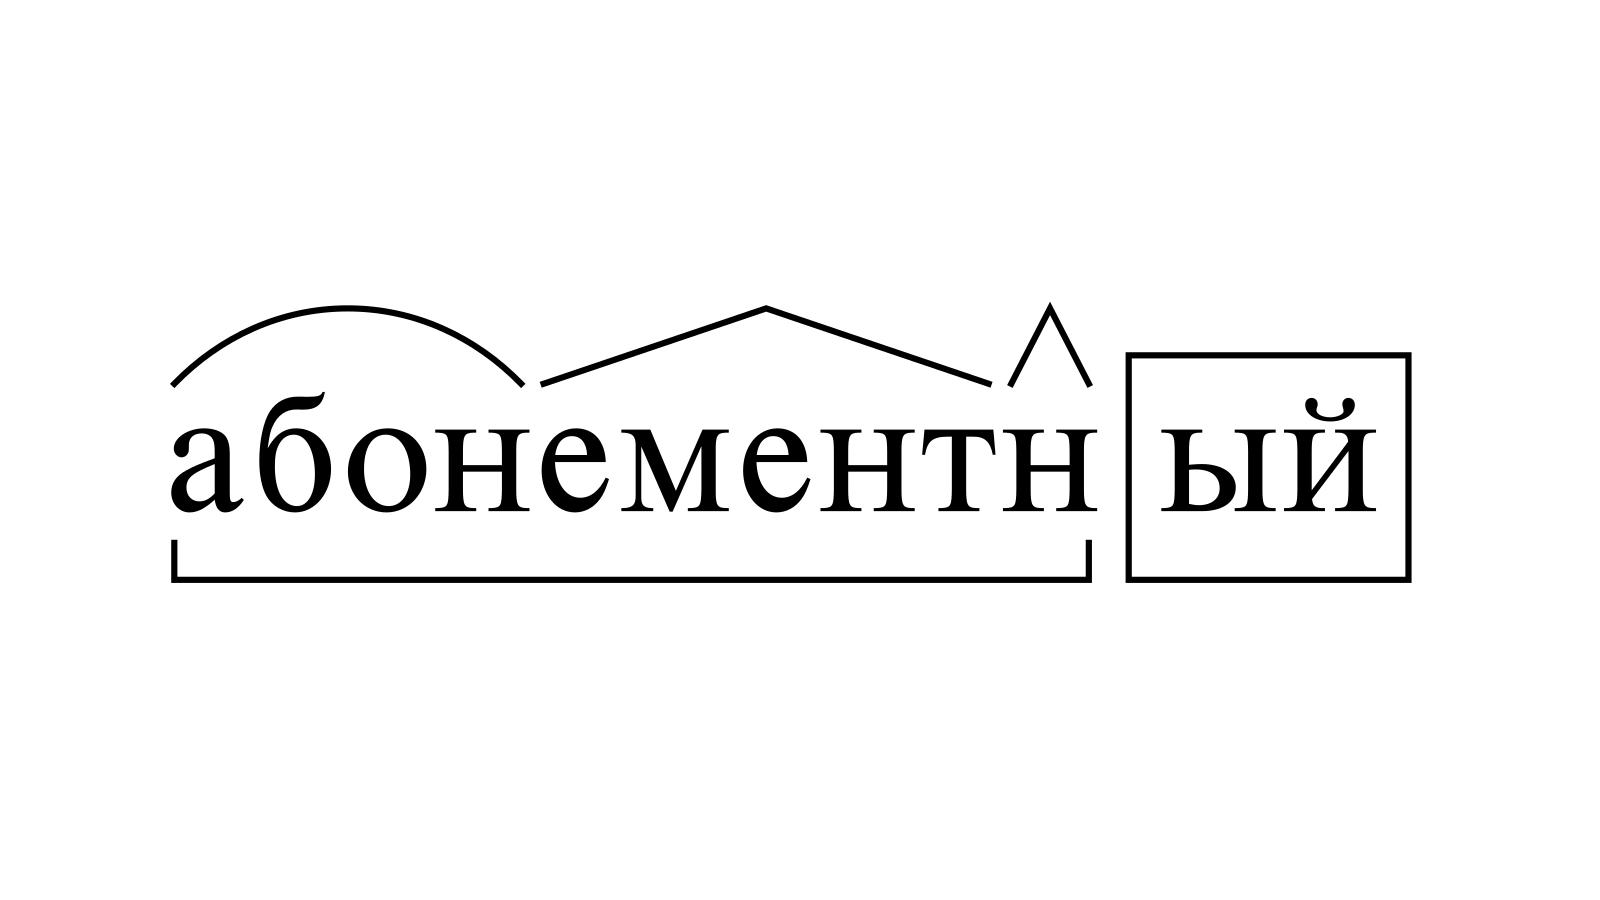 Разбор слова «абонементный» по составу